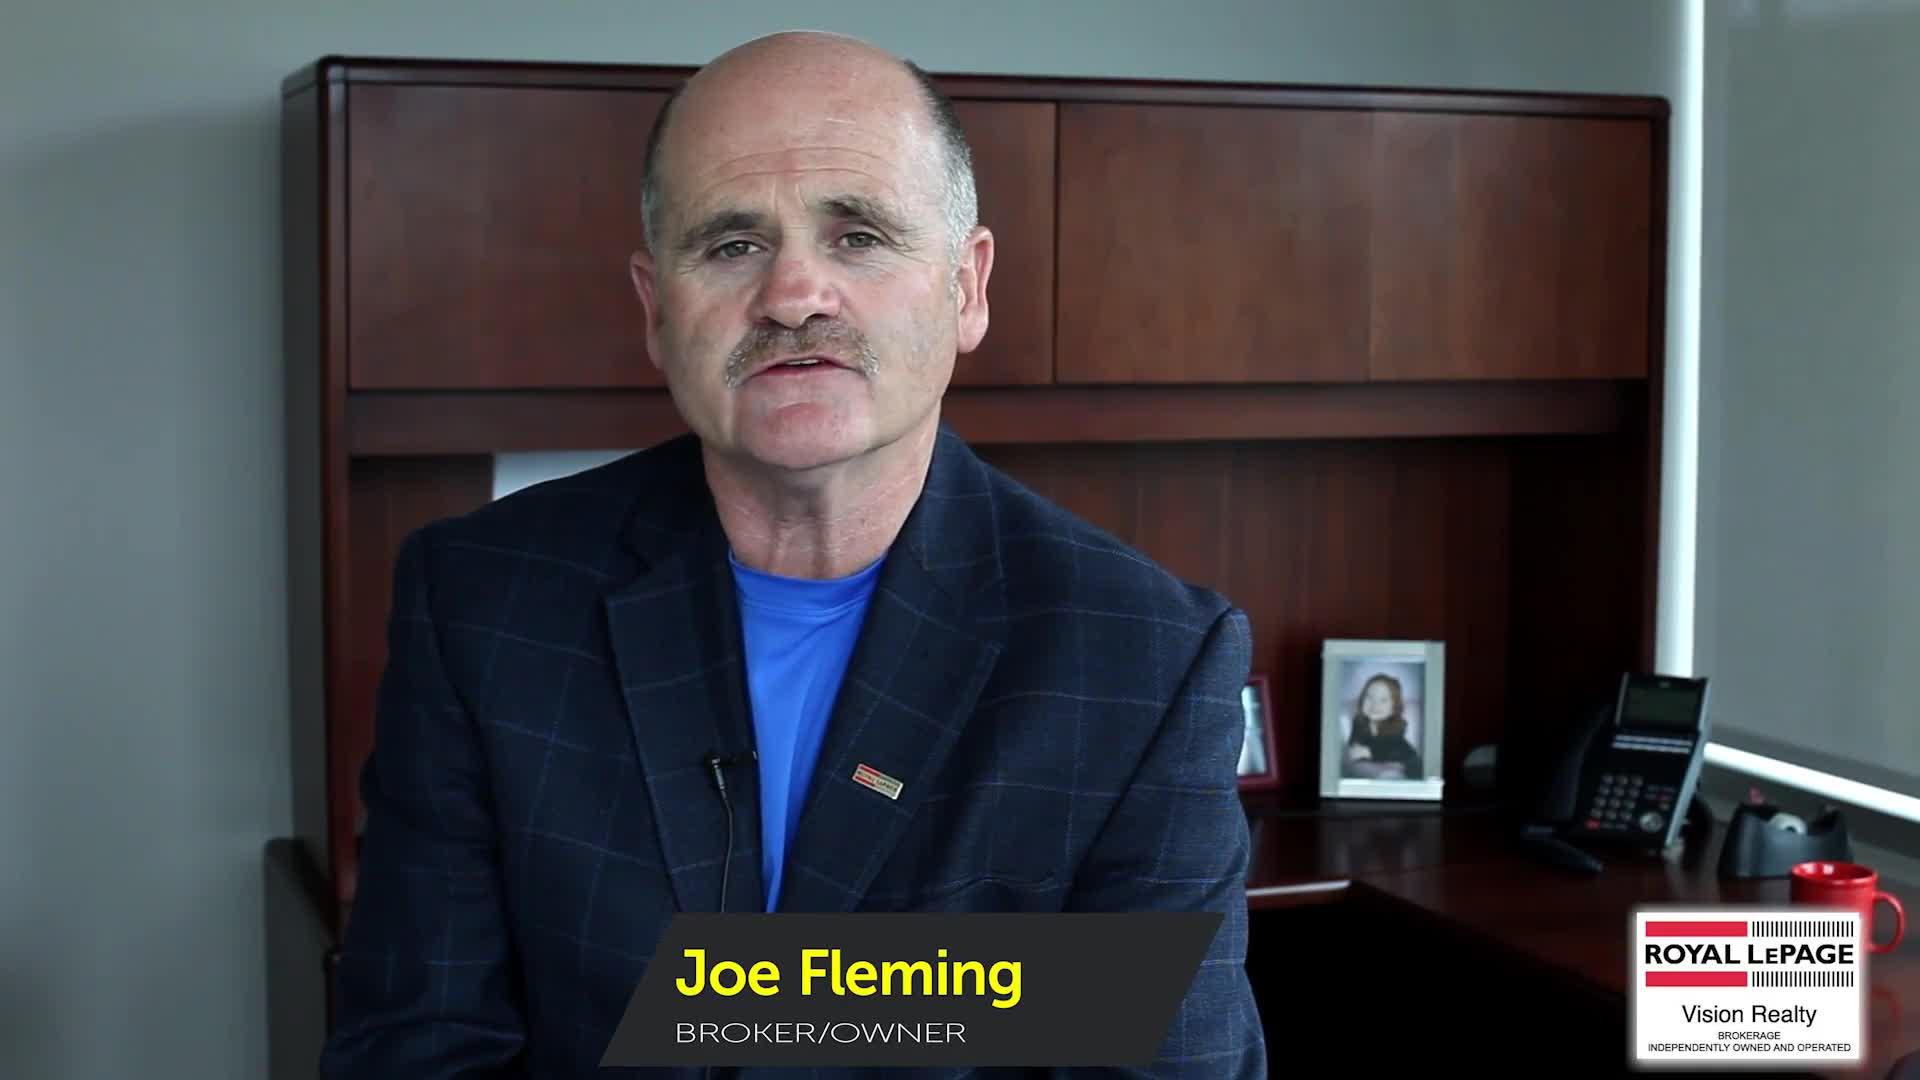 Joe Fleming Real Estate Team - Real Estate Brokers & Sales Representatives - 709-685-8032